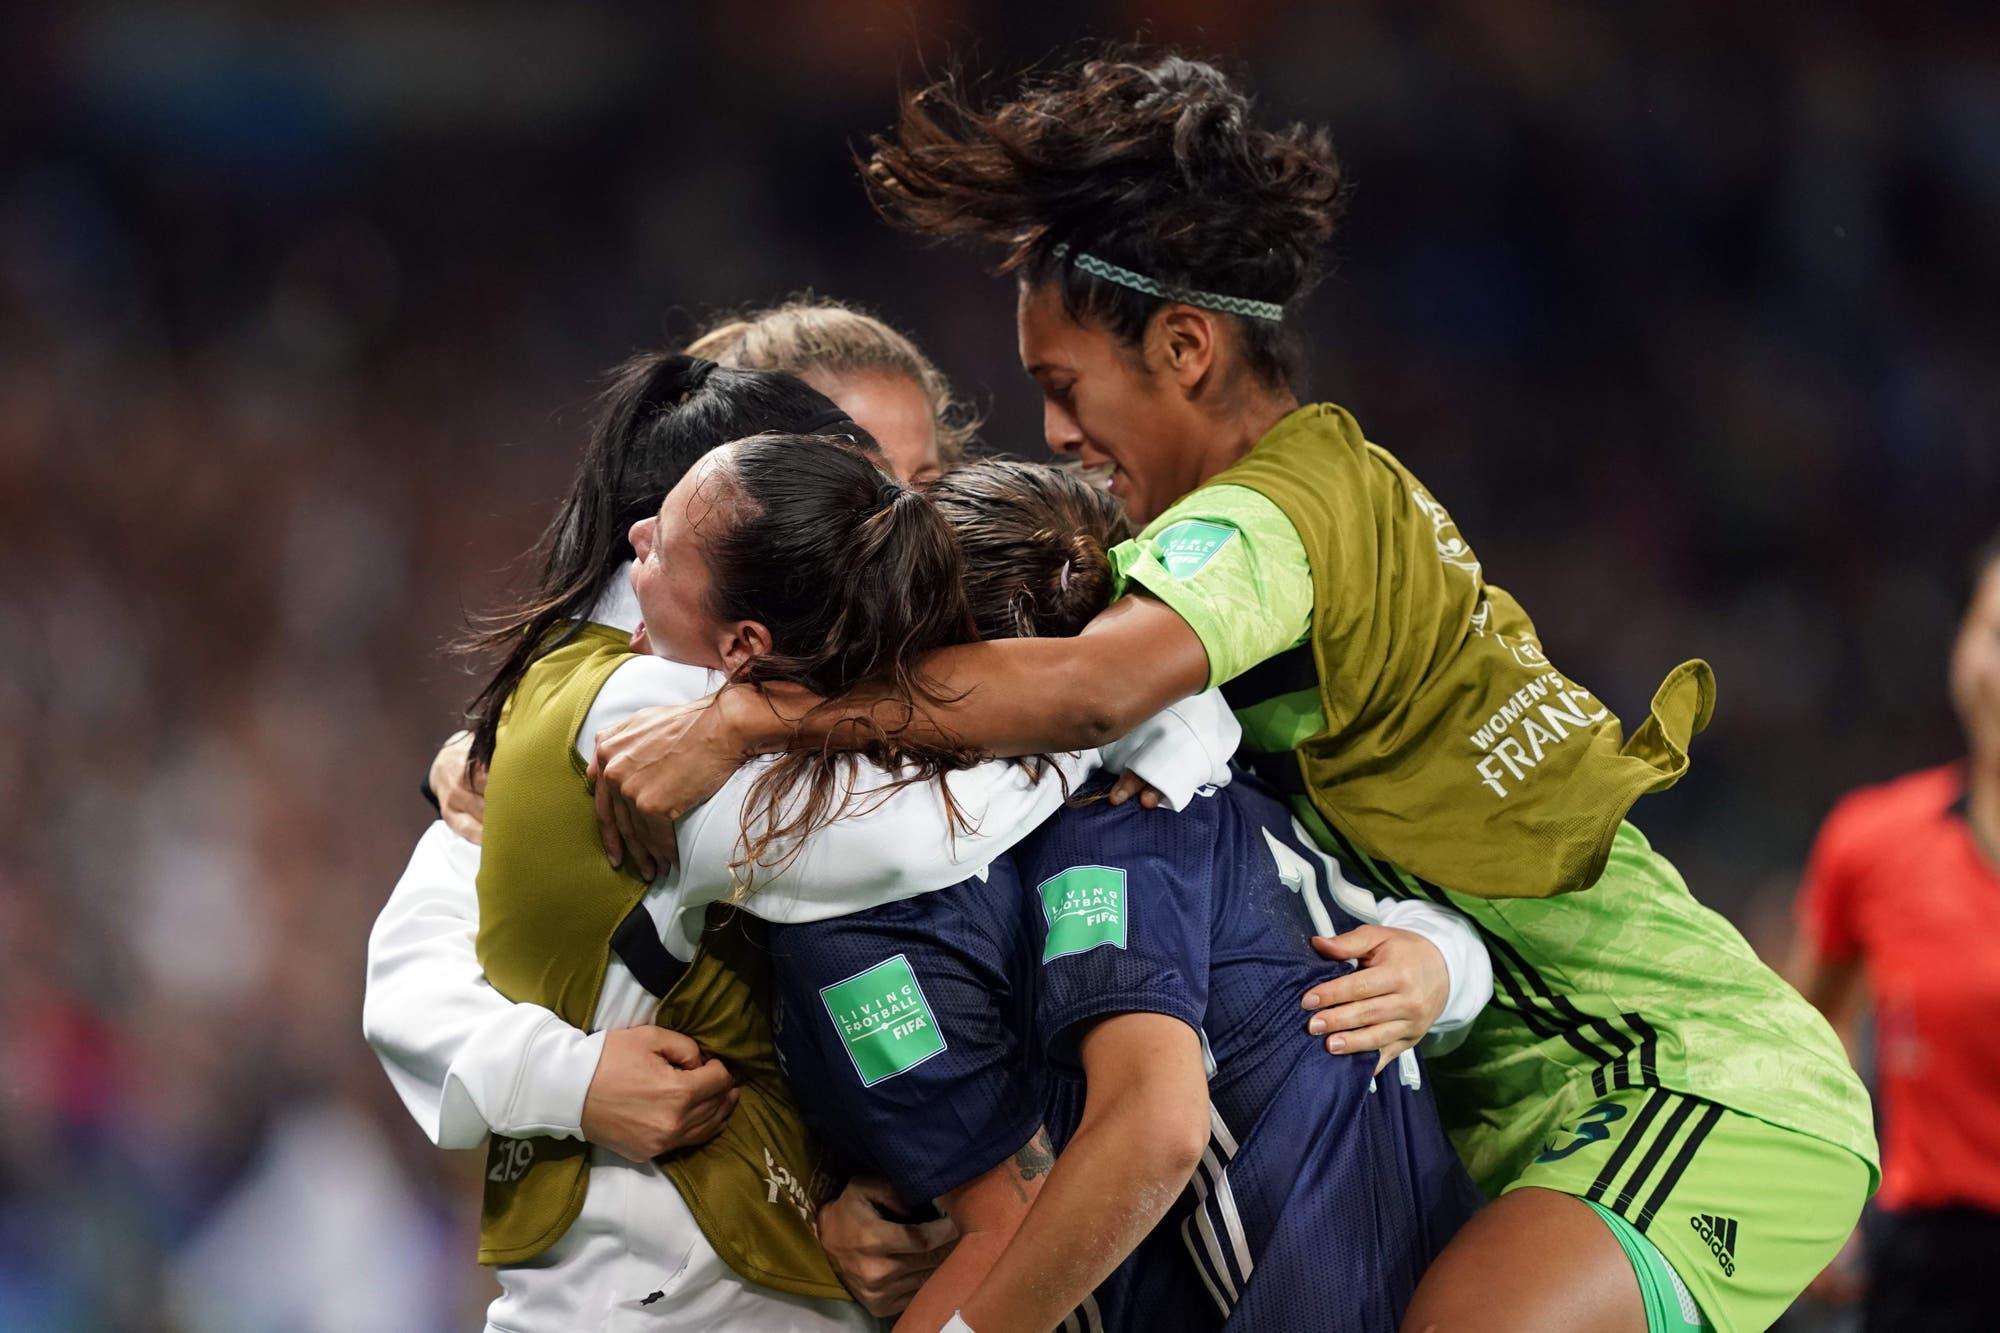 Mundial Francia 2019: la Argentina alcanzó un empate heroico y cree en el milagro